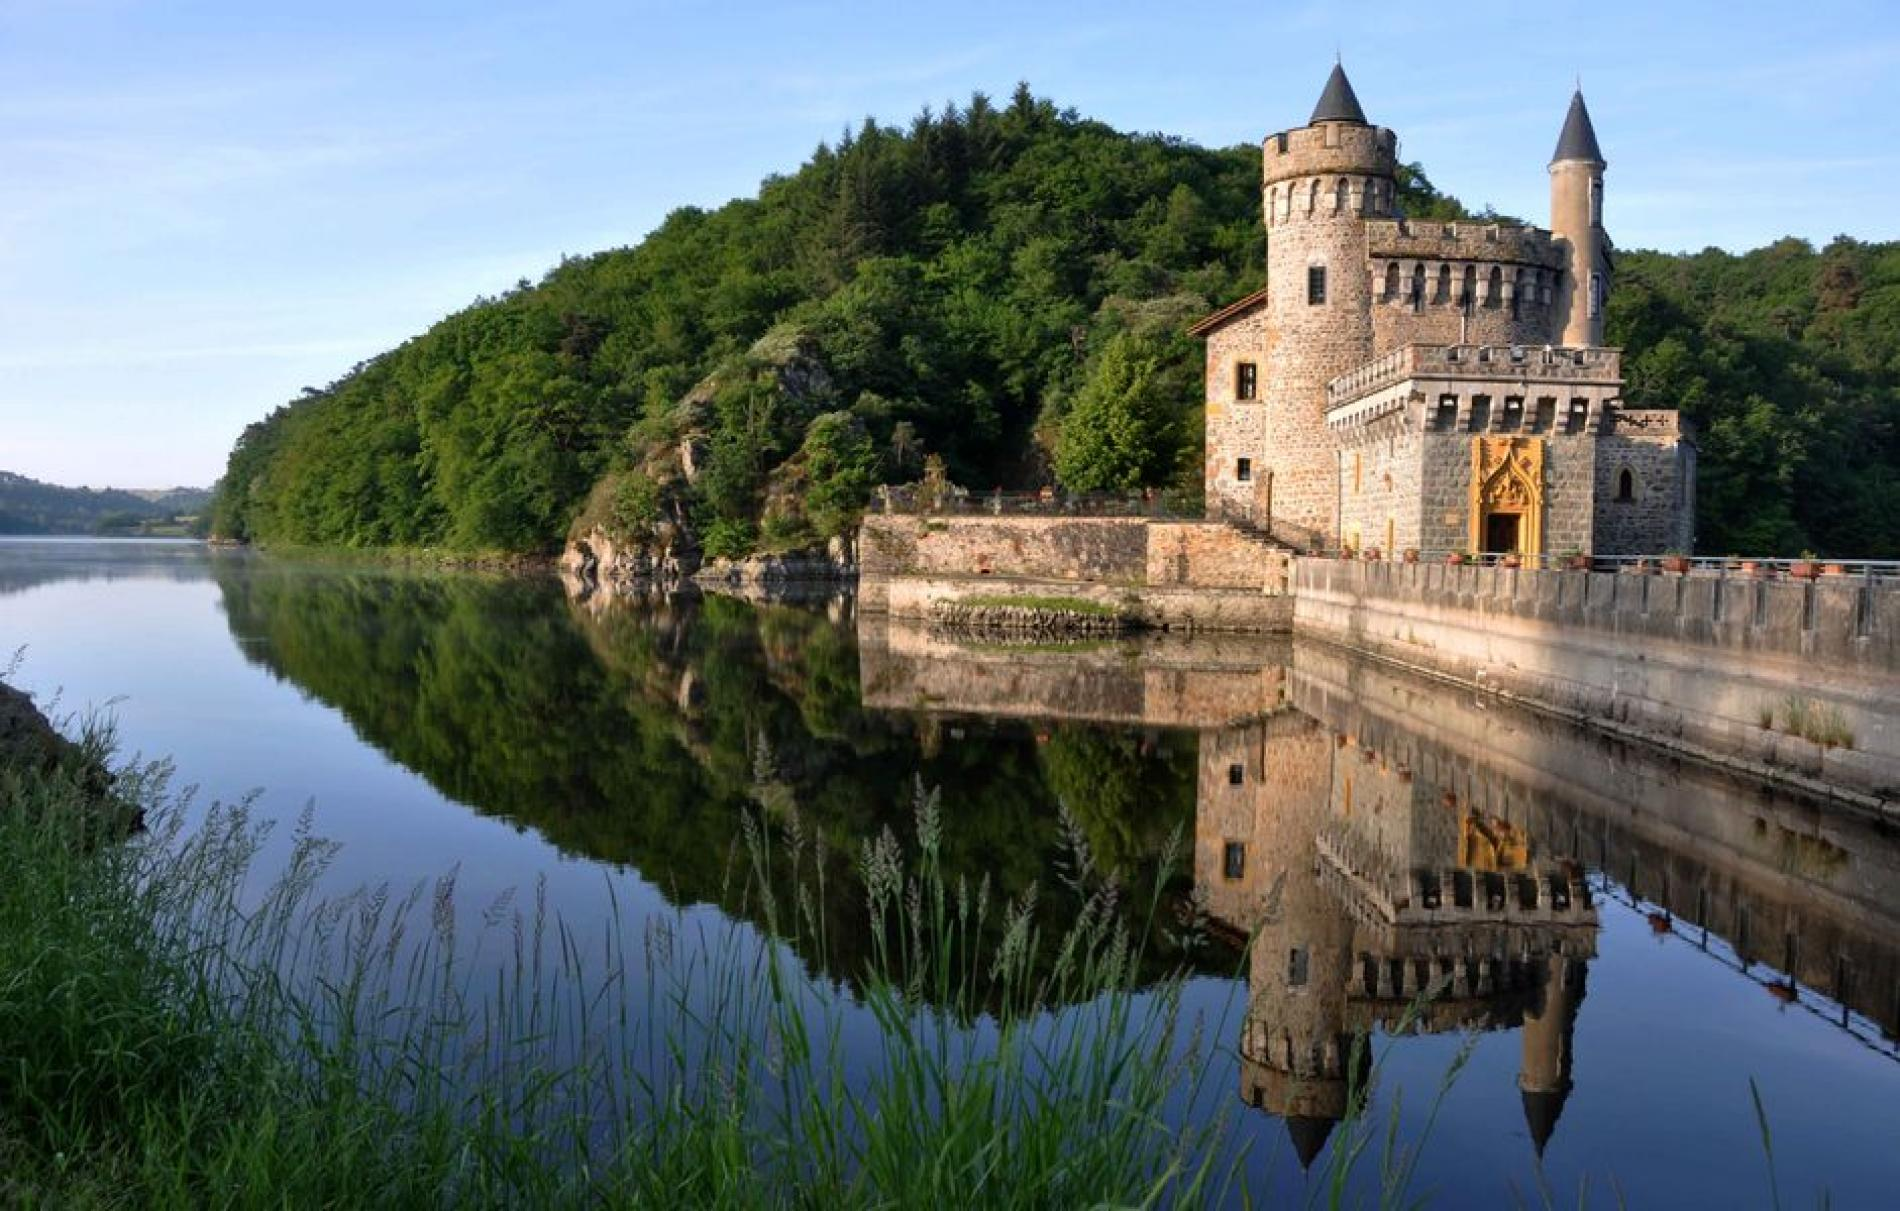 La Roche castle